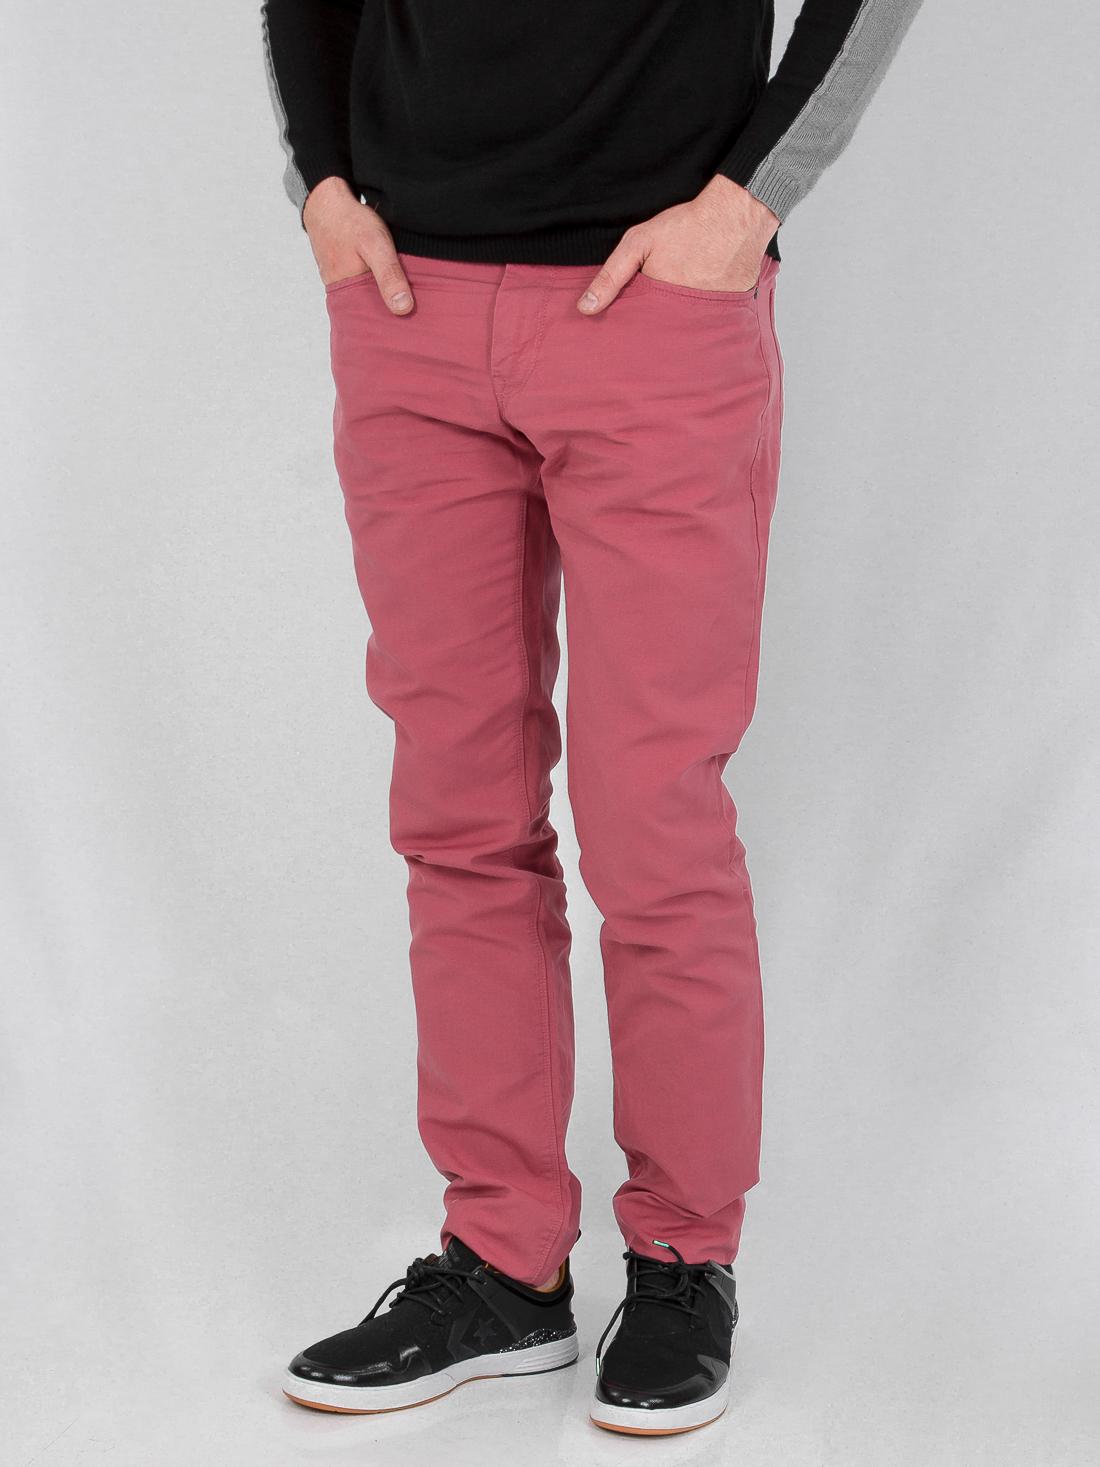 Брюки Vanguard 220519-16 Розовый Free Style